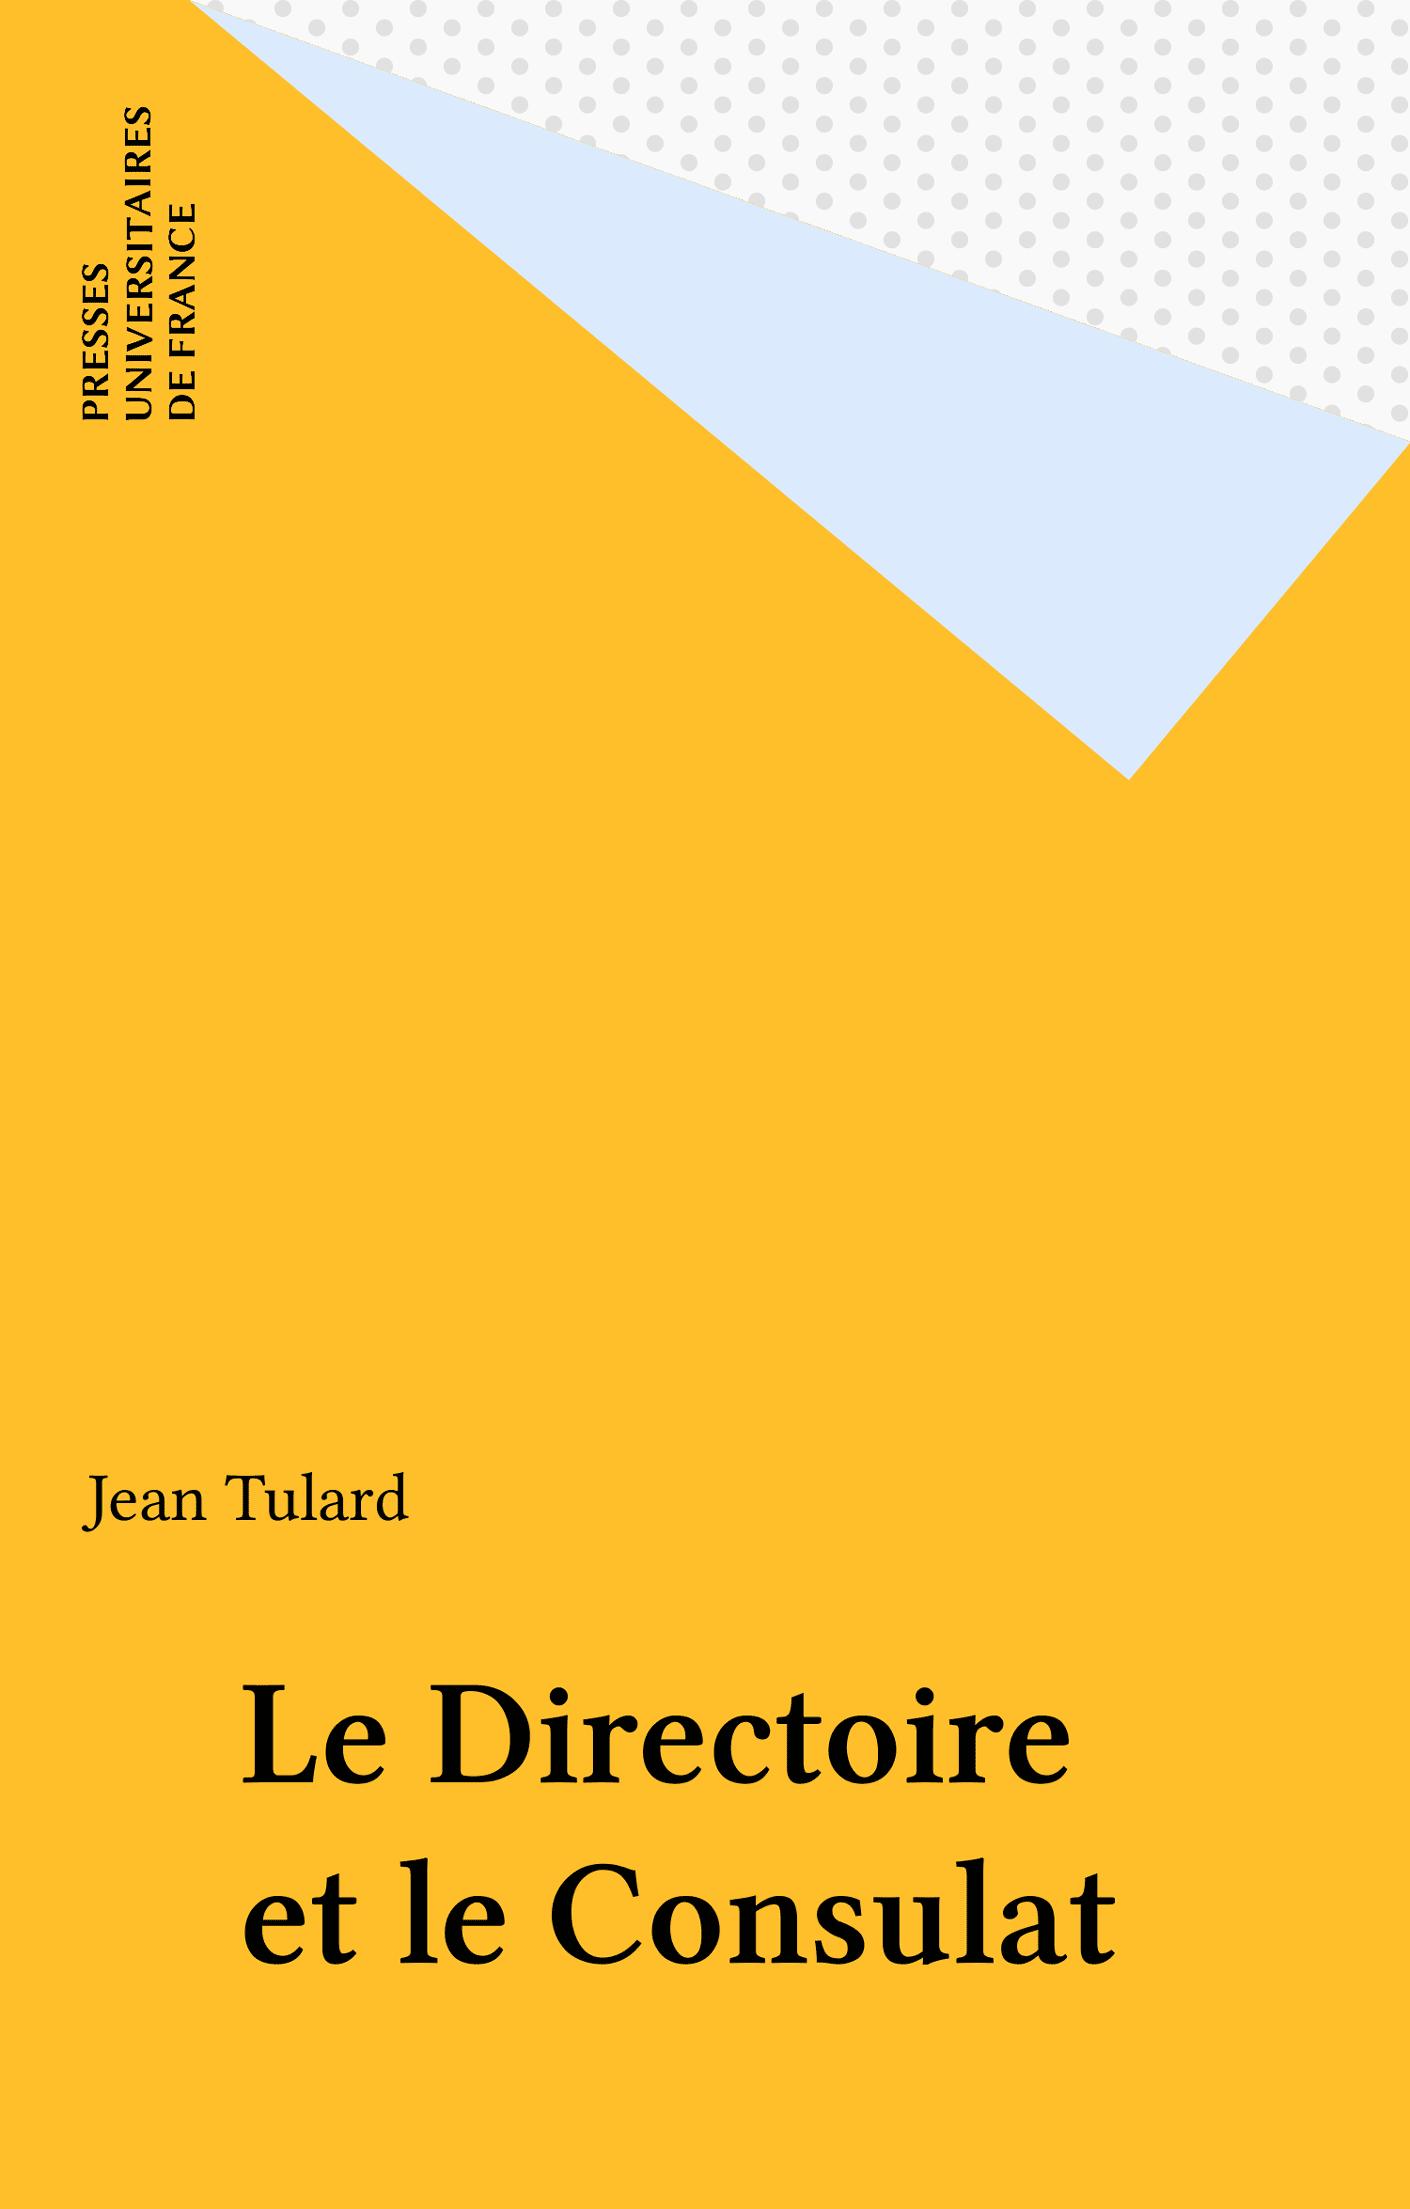 Le Directoire et le Consulat